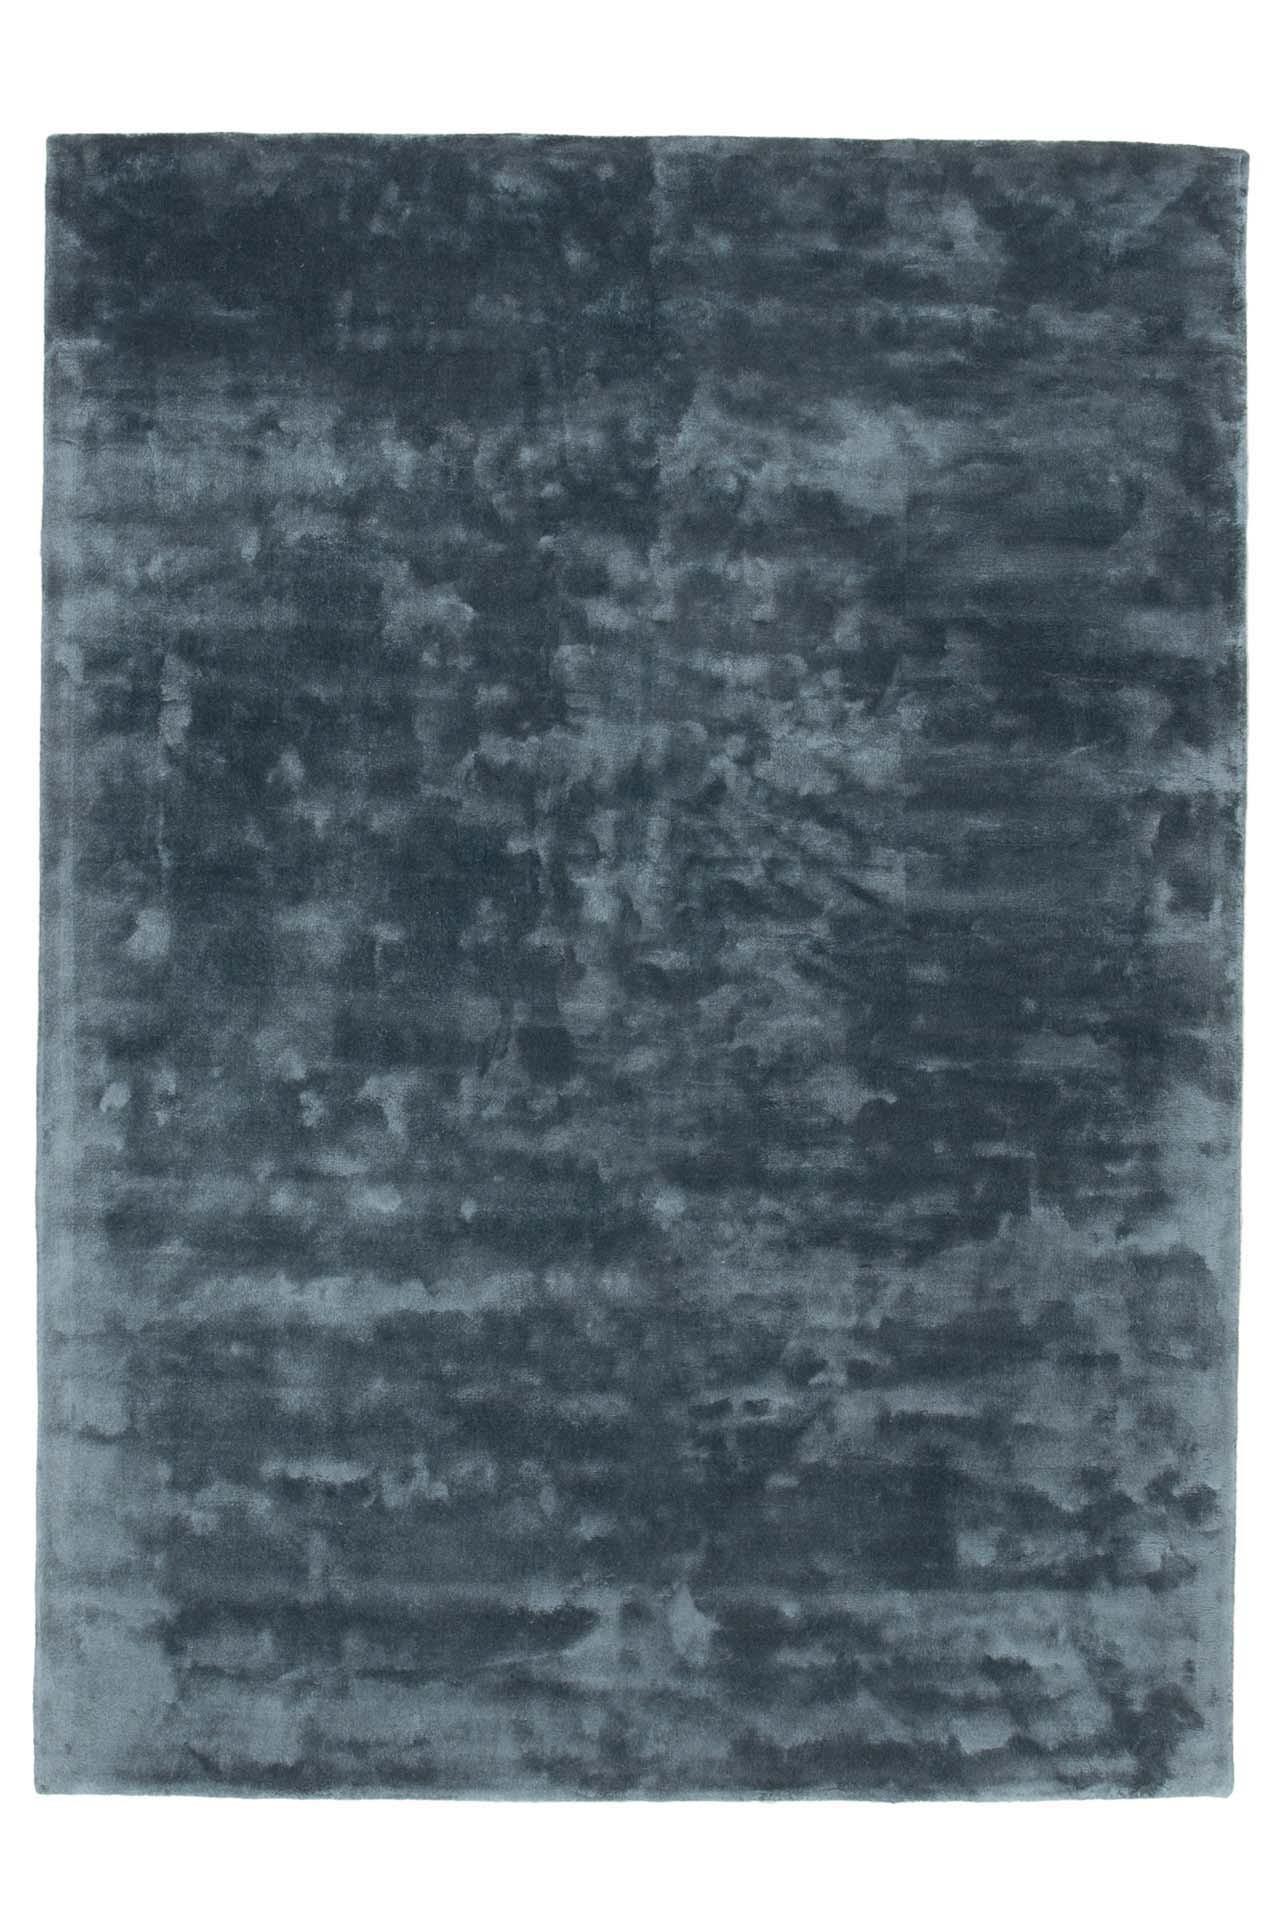 Sky handtuftad blå bambusilkes matta med tjock lugg och vacker lyster